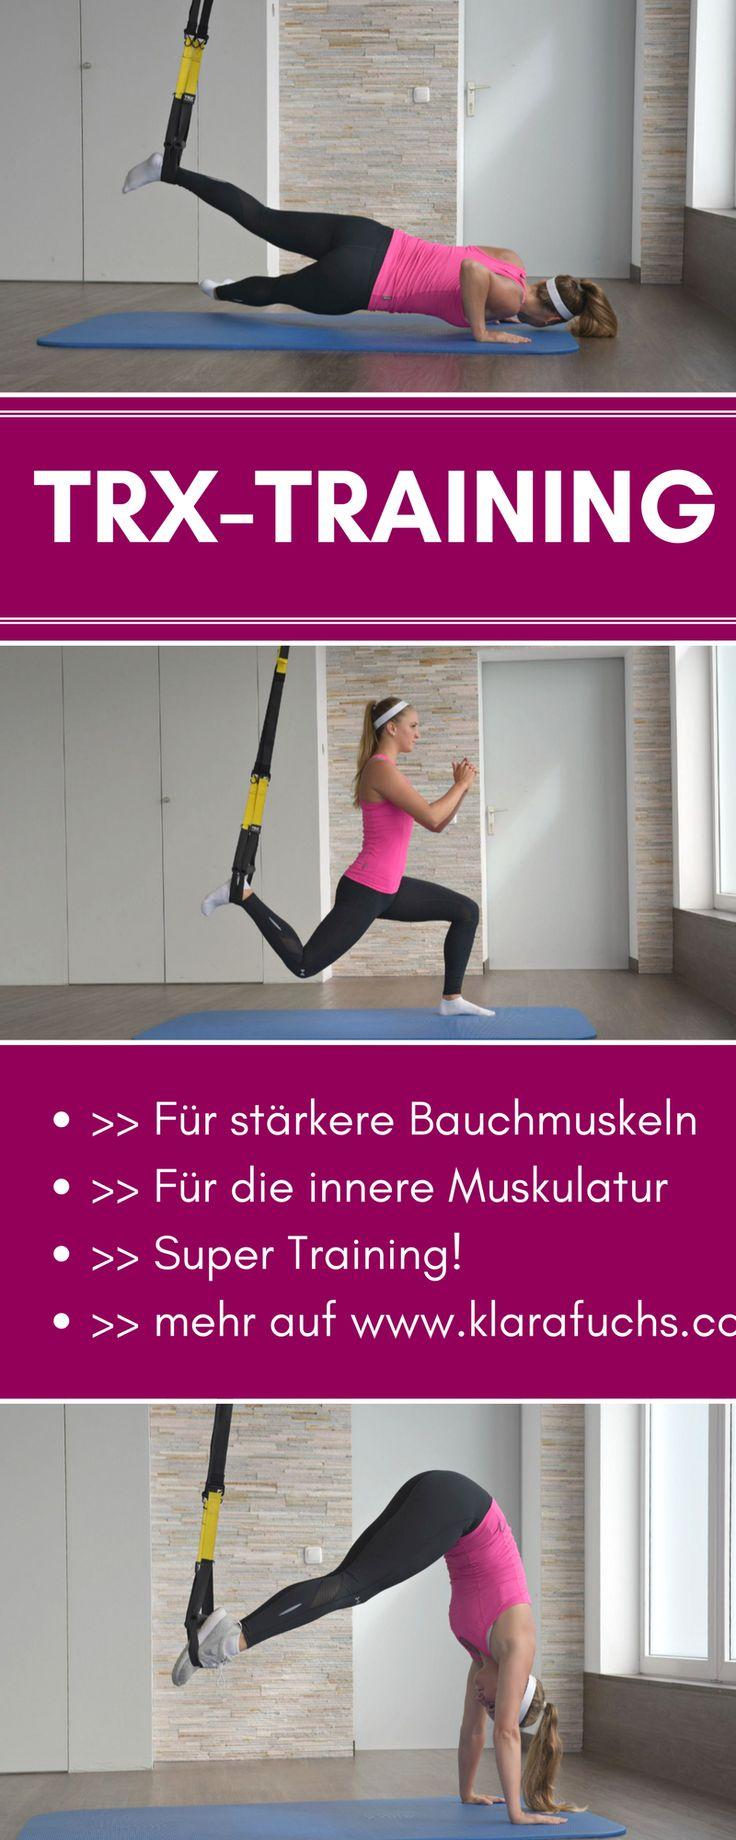 Der große Trend: TRX Training! Damit trainierst du extremst deine Bauchmuskeln und deinen Rumpf. Du trainierst deine innere, tiefer liegende Muskulatur und wirst somit stärker und athletischer. TRX Training kann viel bewirken! Finde Übungen und Anleitungen auf diesem Blog: www.klarafuchs.com